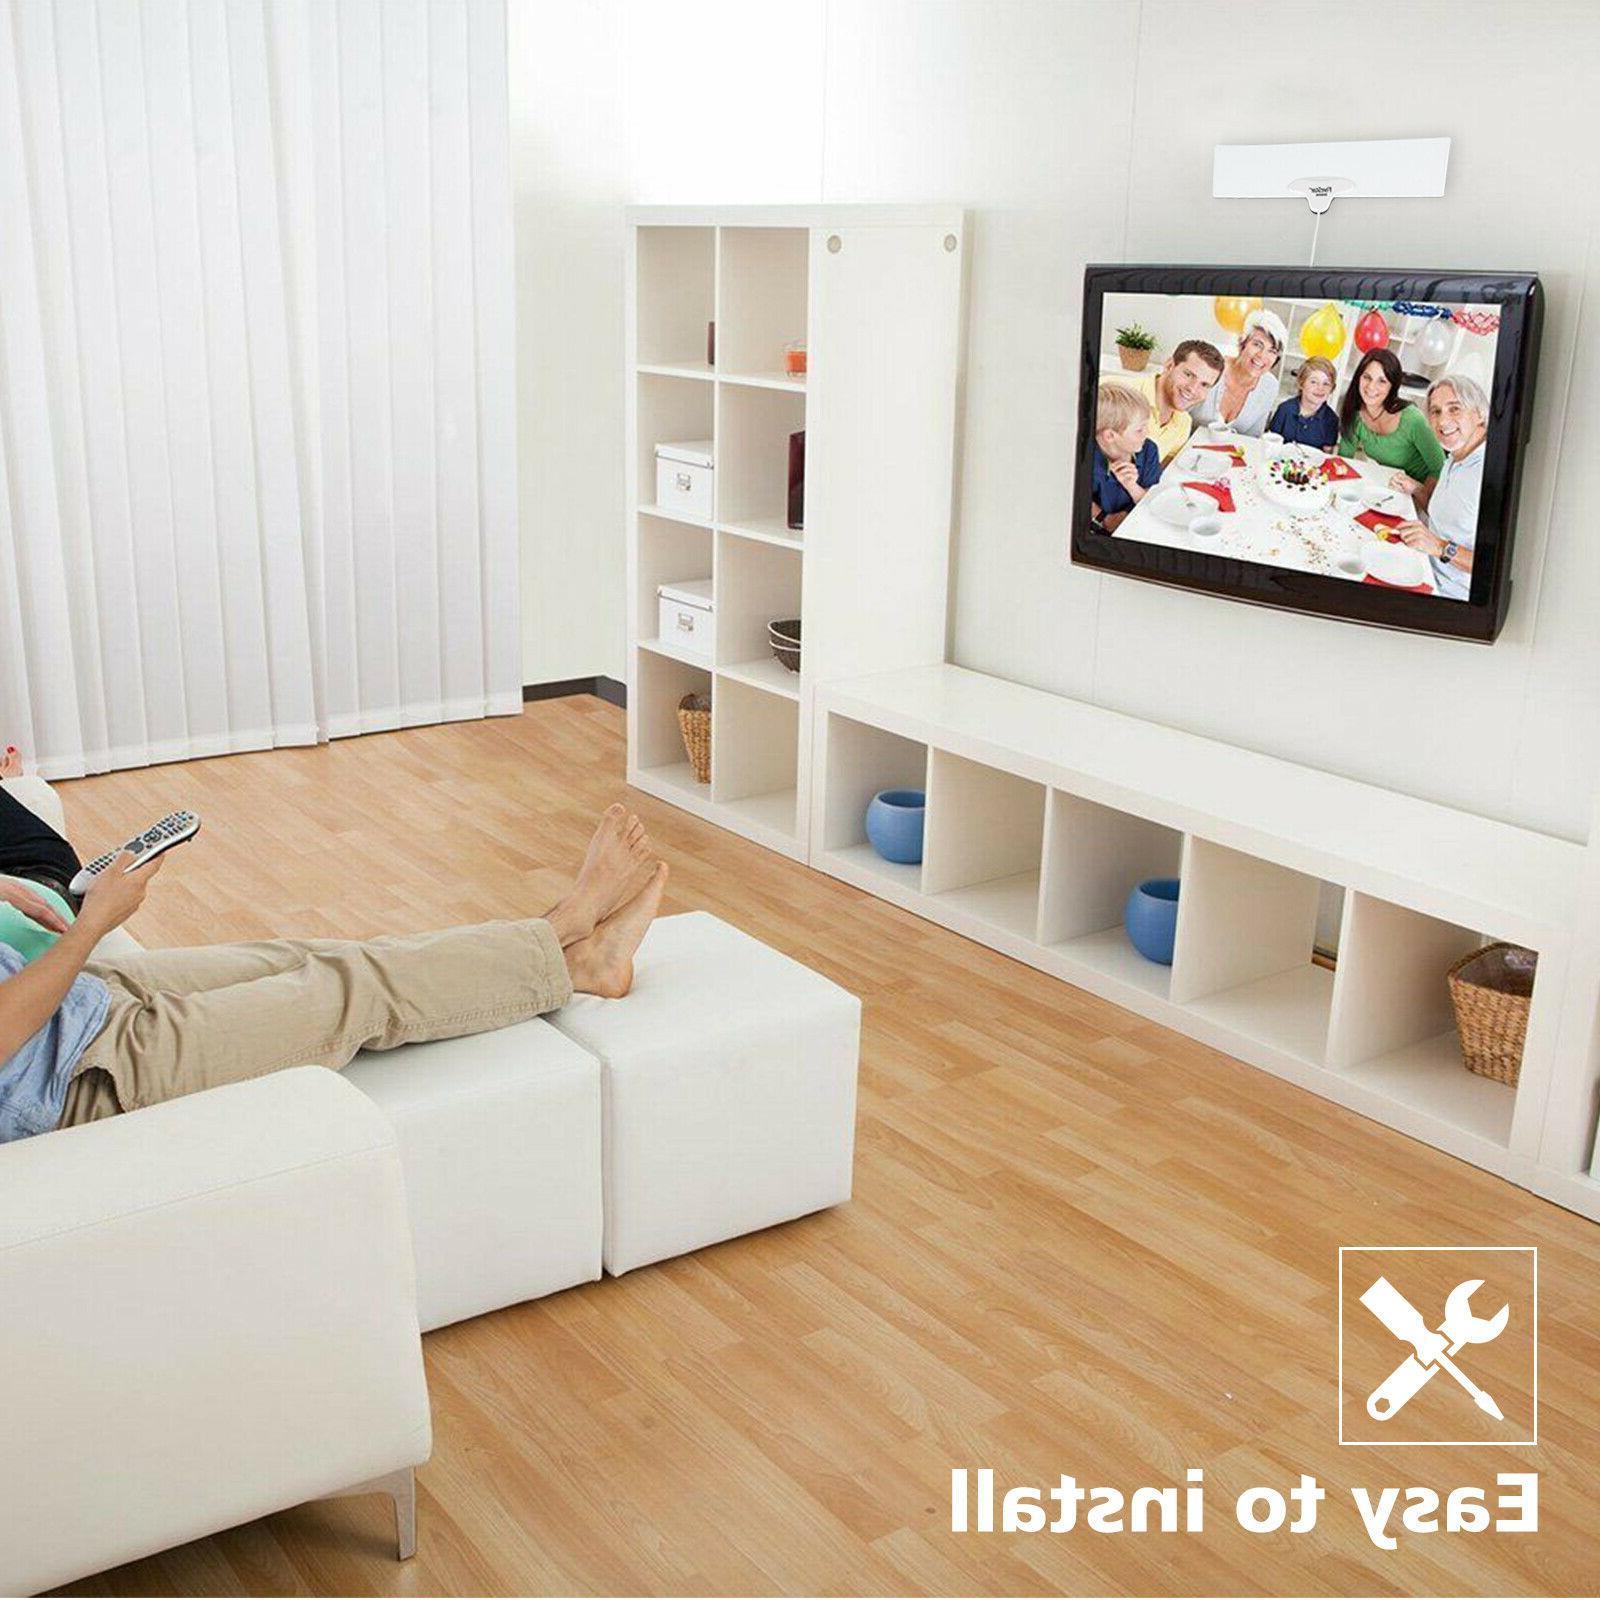 HD Converter Indoor TV